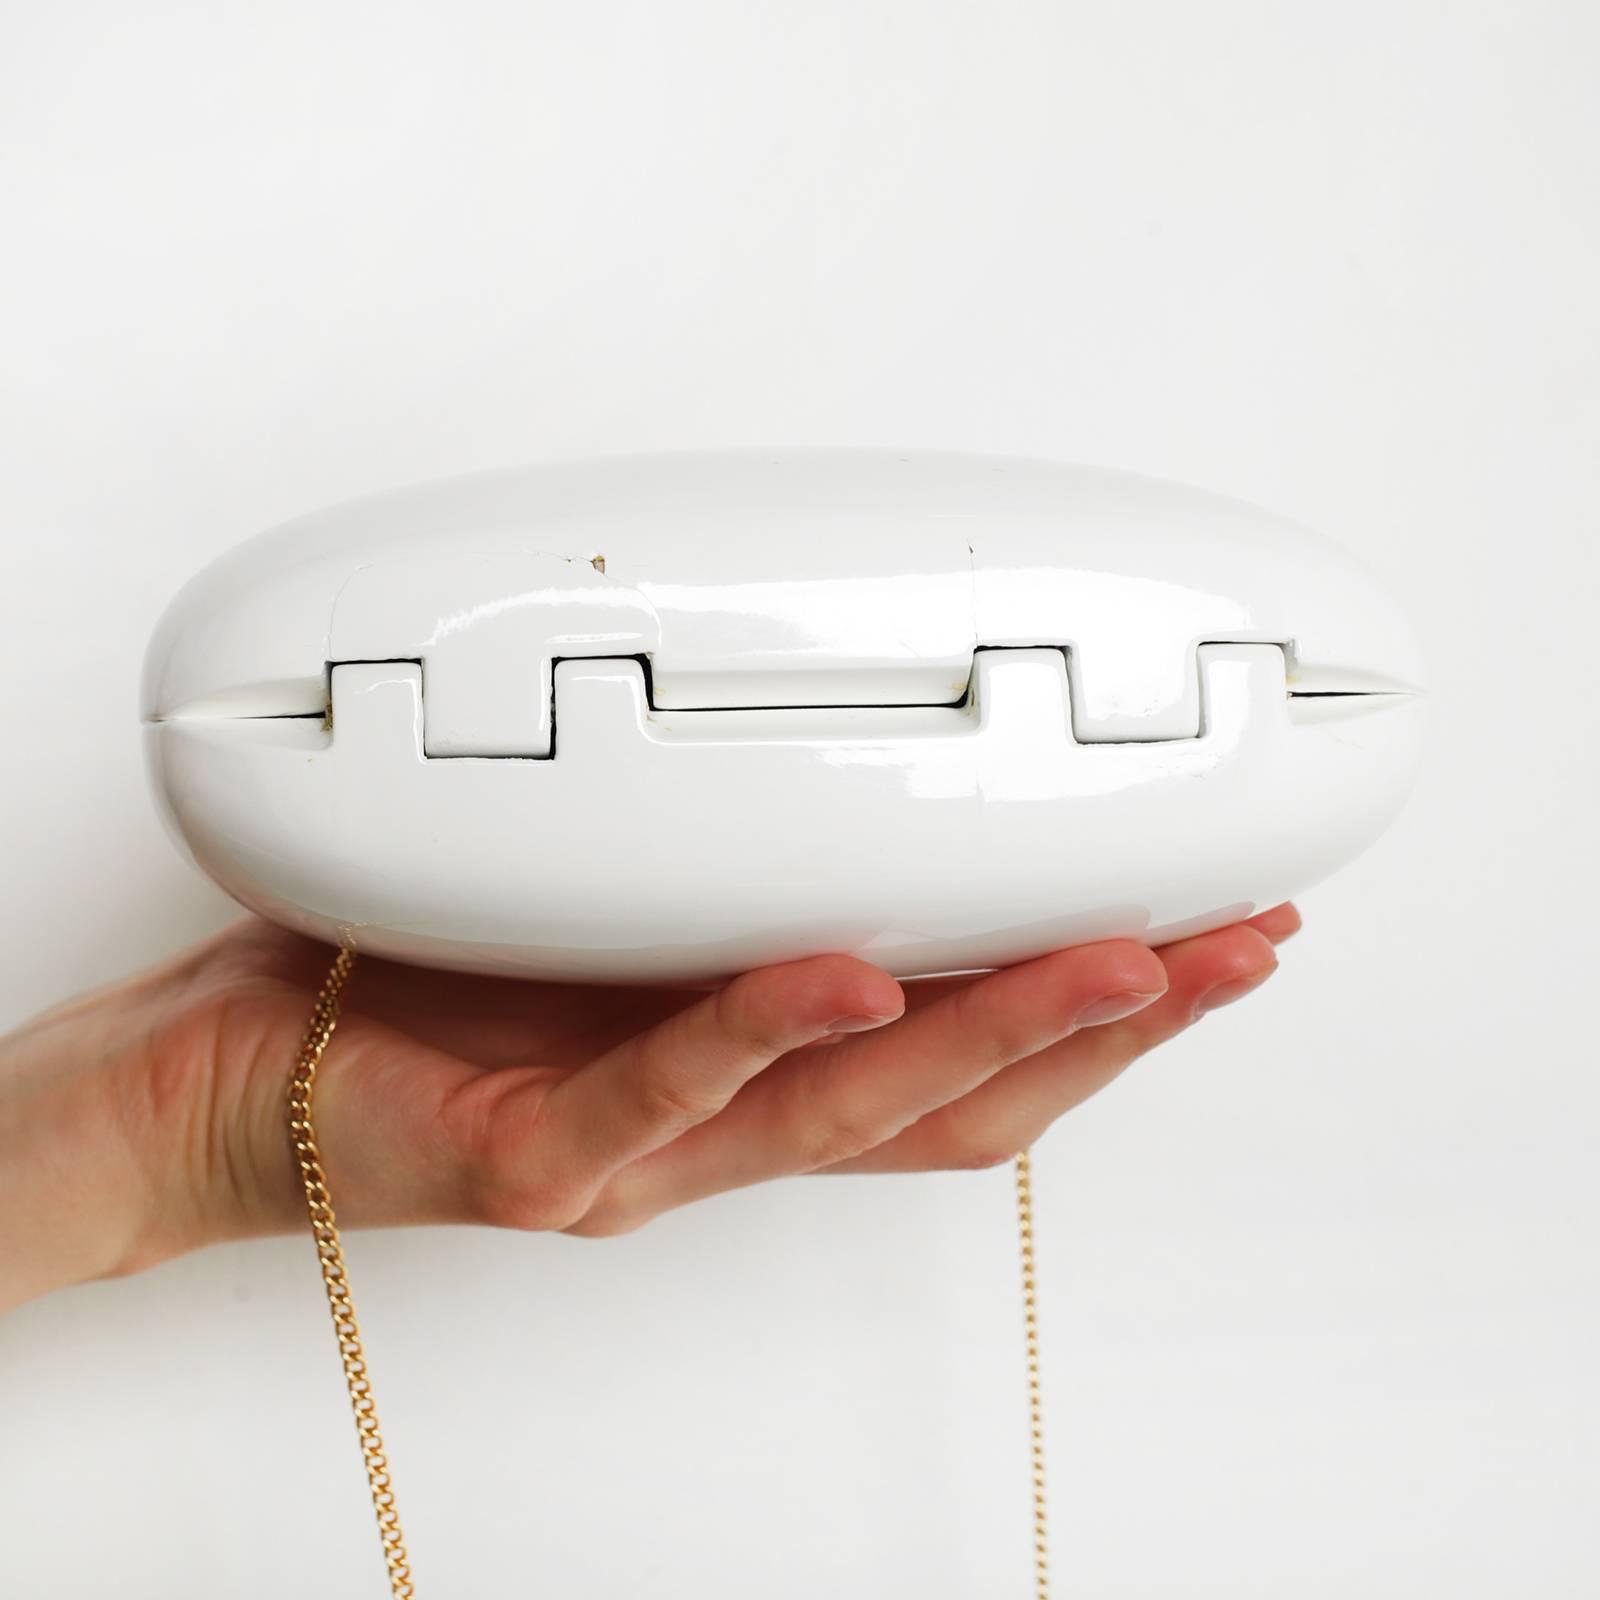 55ae9bf62203 Белый пластиковый клатч. Минималистичный дизайн и изысканные детали для  вашего особенного образа. Есть трещина внизу.